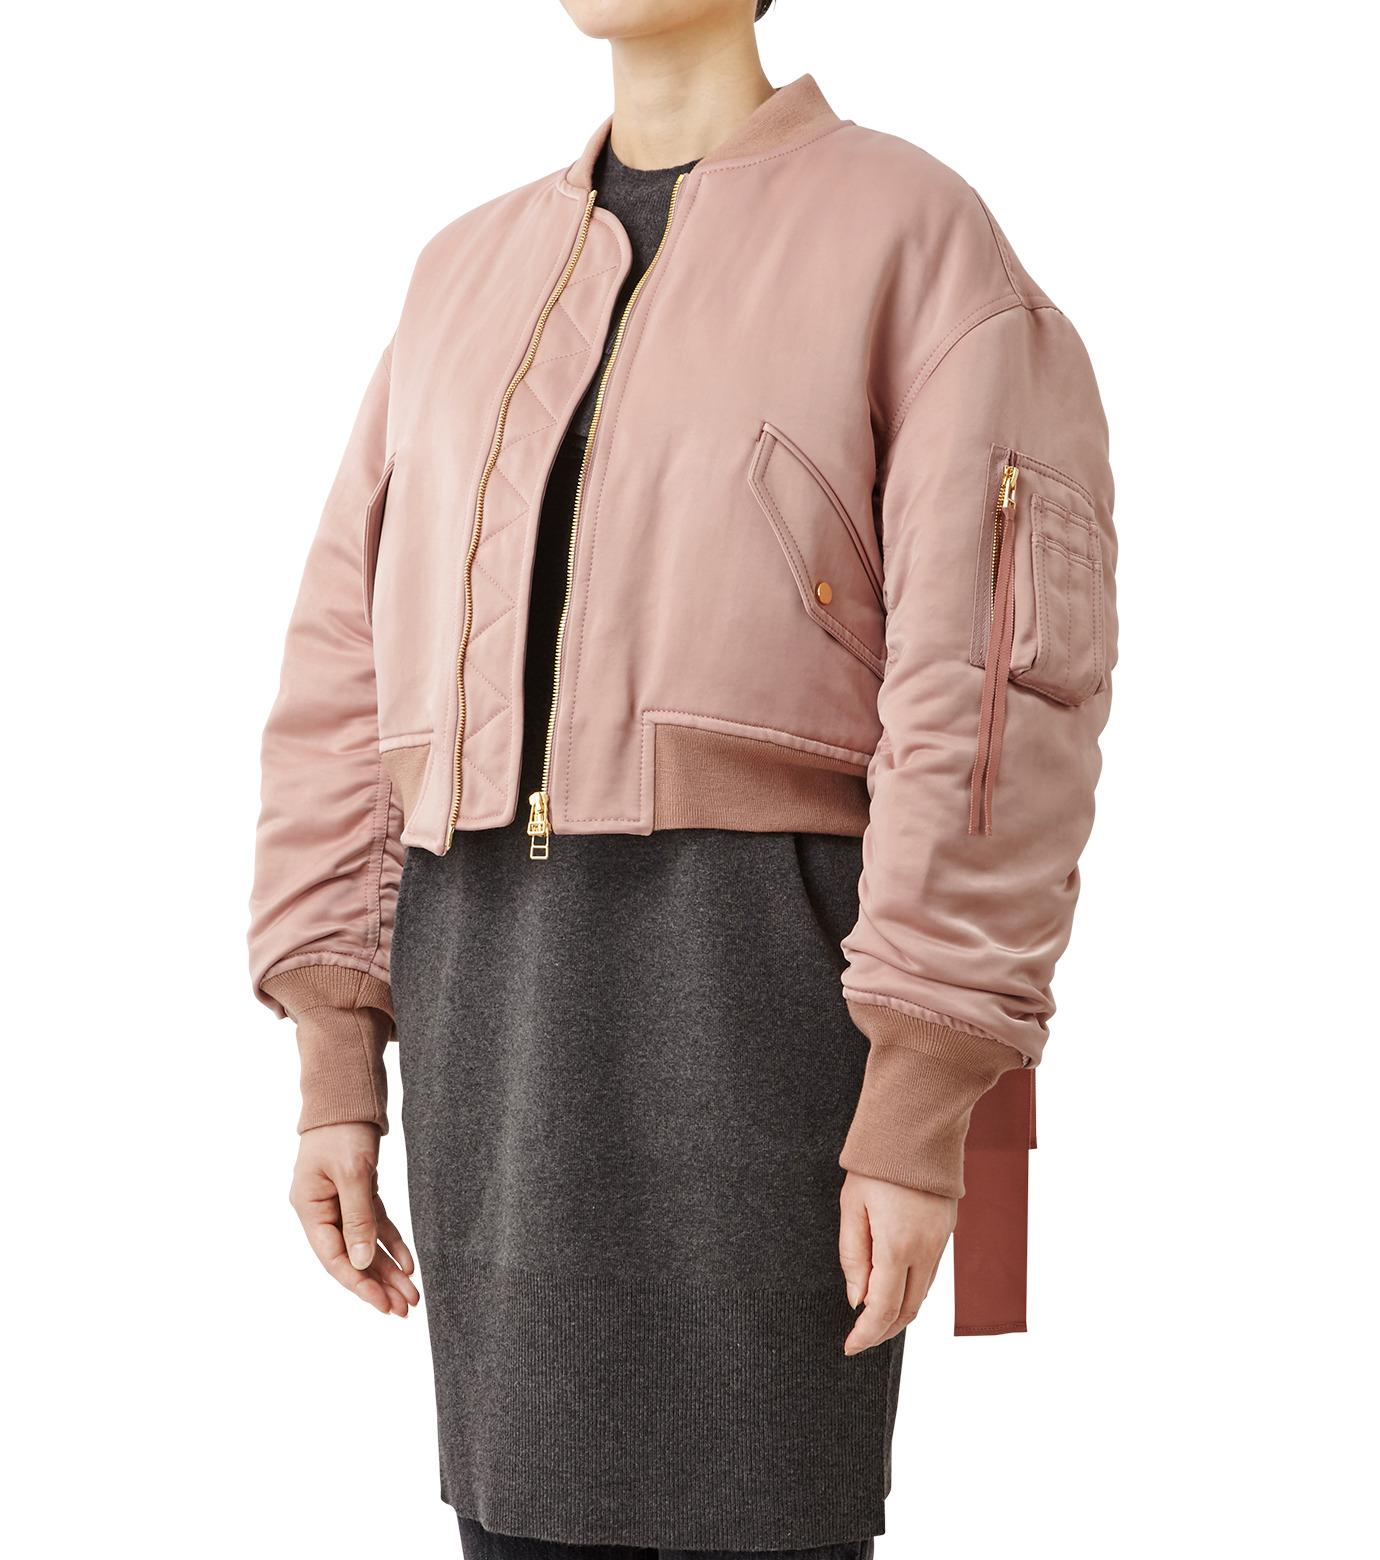 LE CIEL BLEU(ルシェルブルー)のリボンシェイクスMA-1-PINK(ジャケット/jacket)-18A64509 拡大詳細画像1